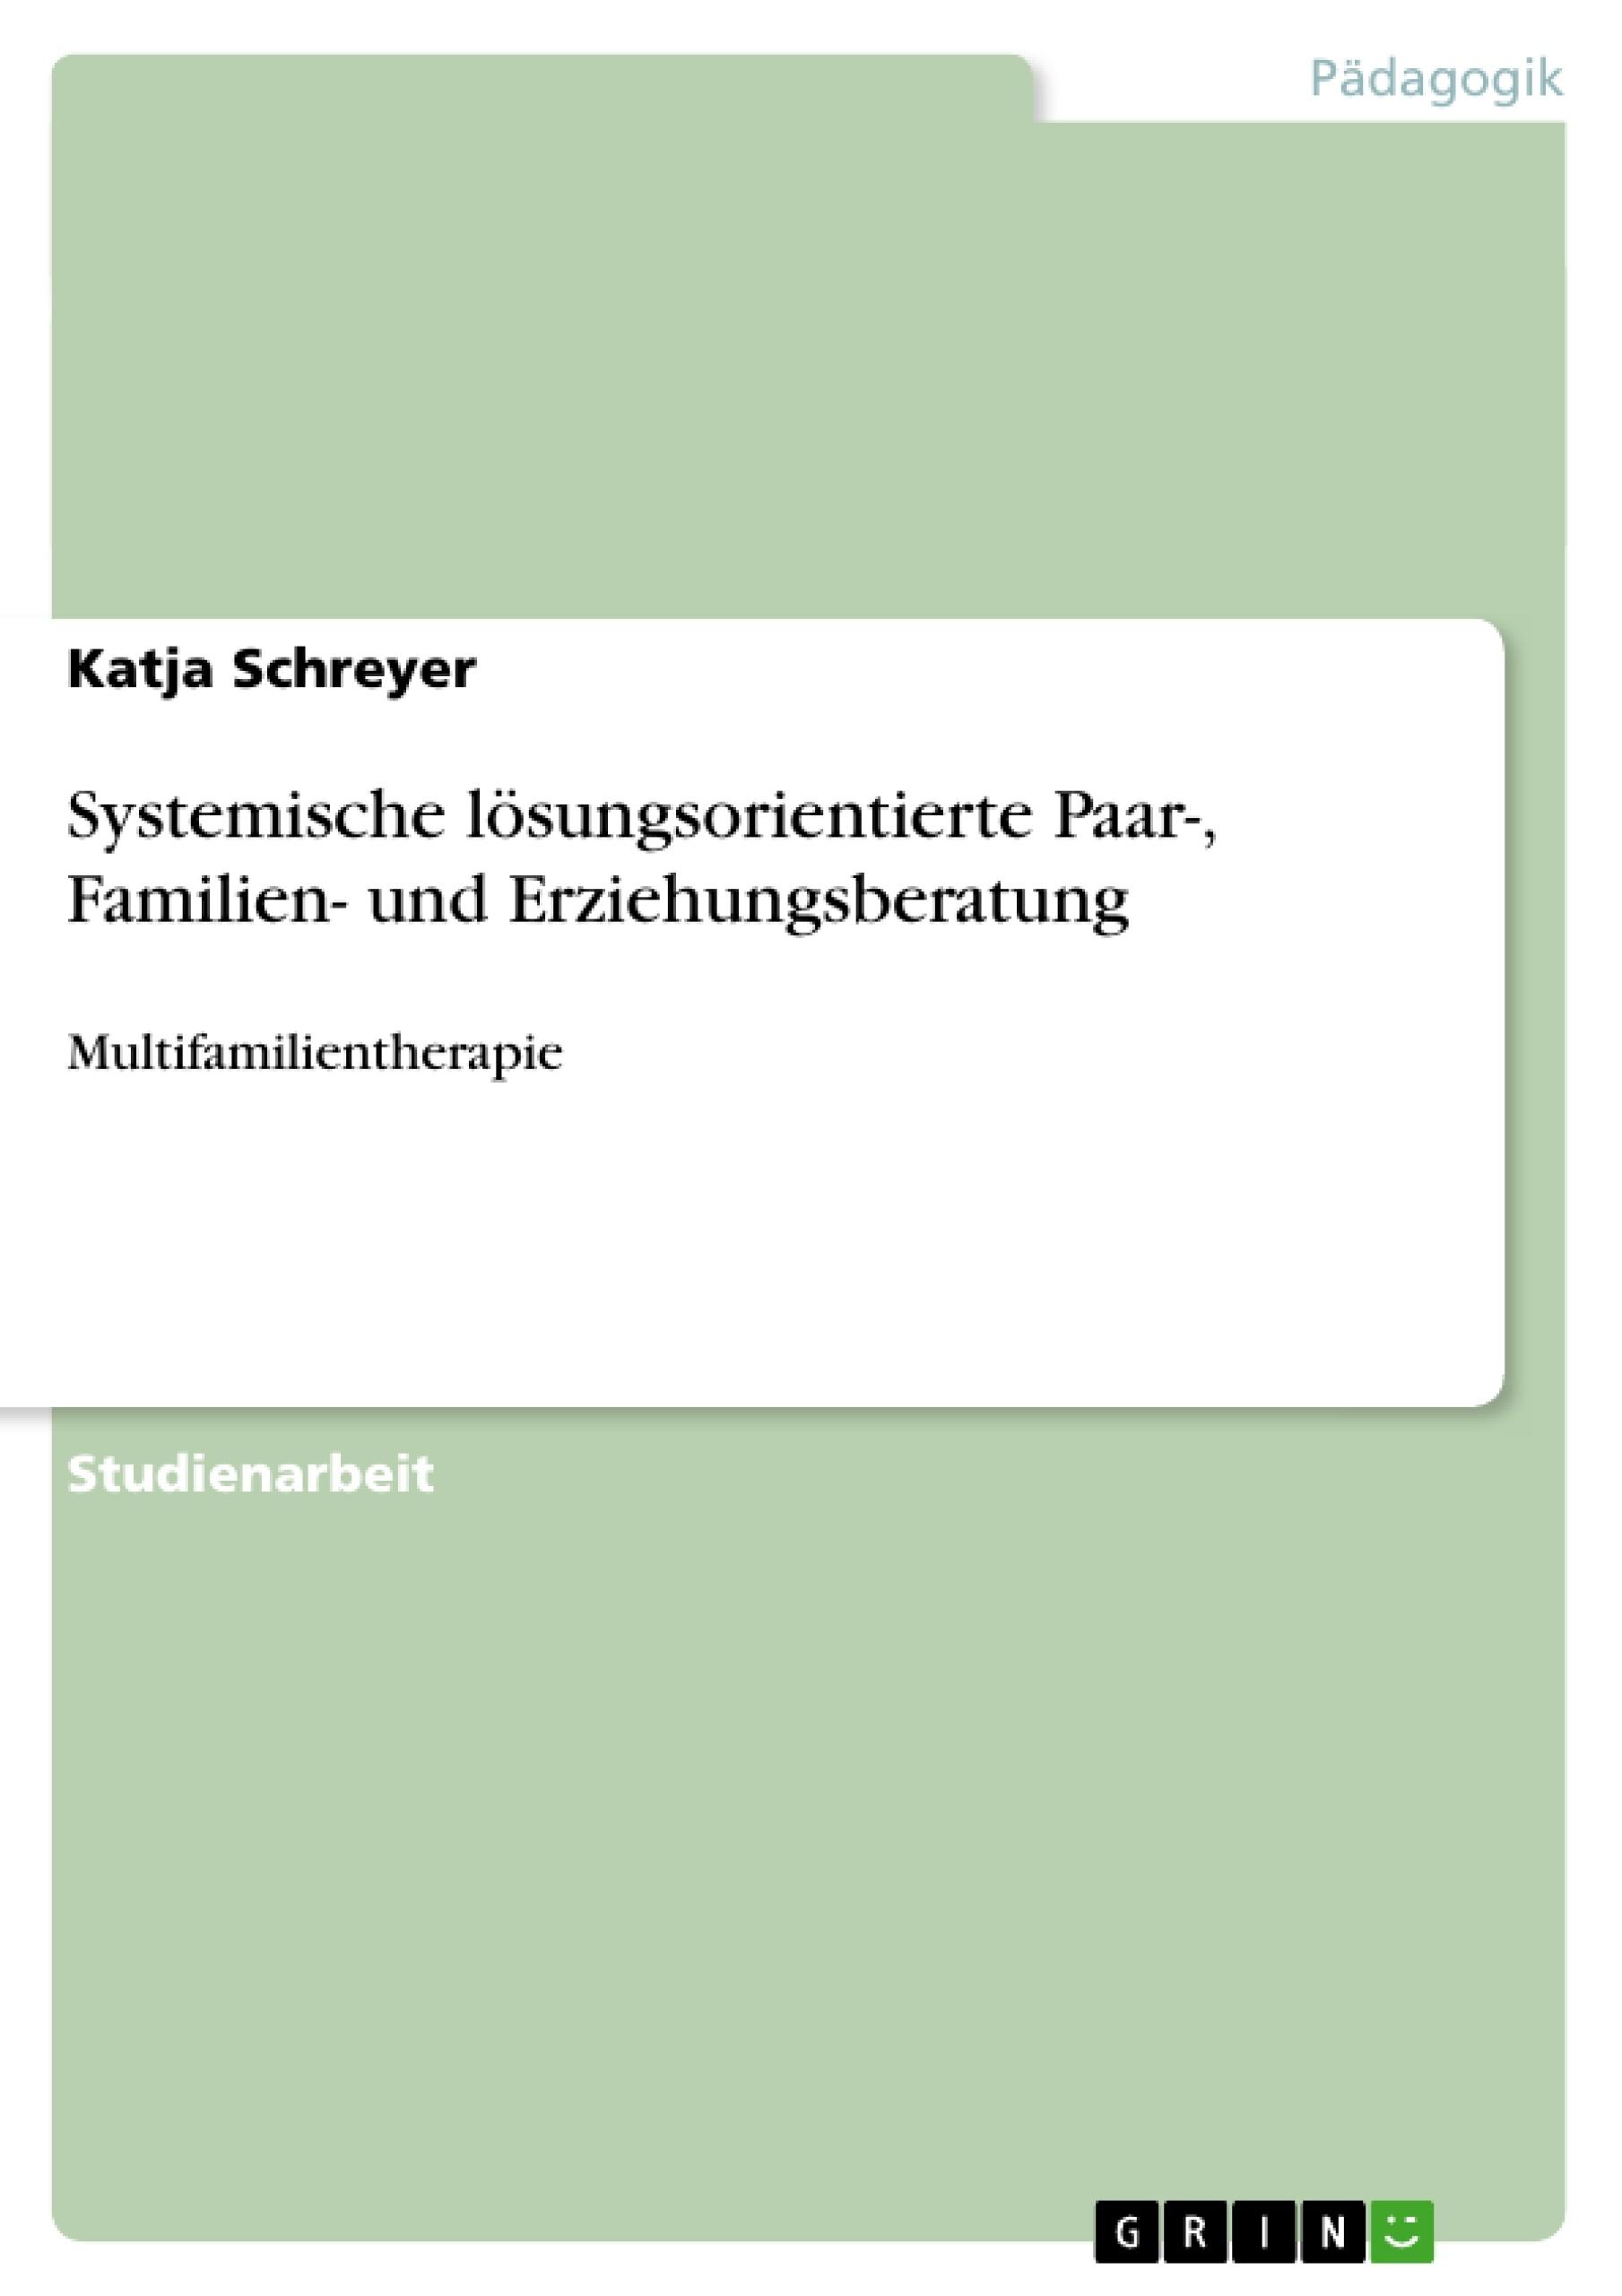 Titel: Systemische lösungsorientierte Paar-, Familien- und Erziehungsberatung